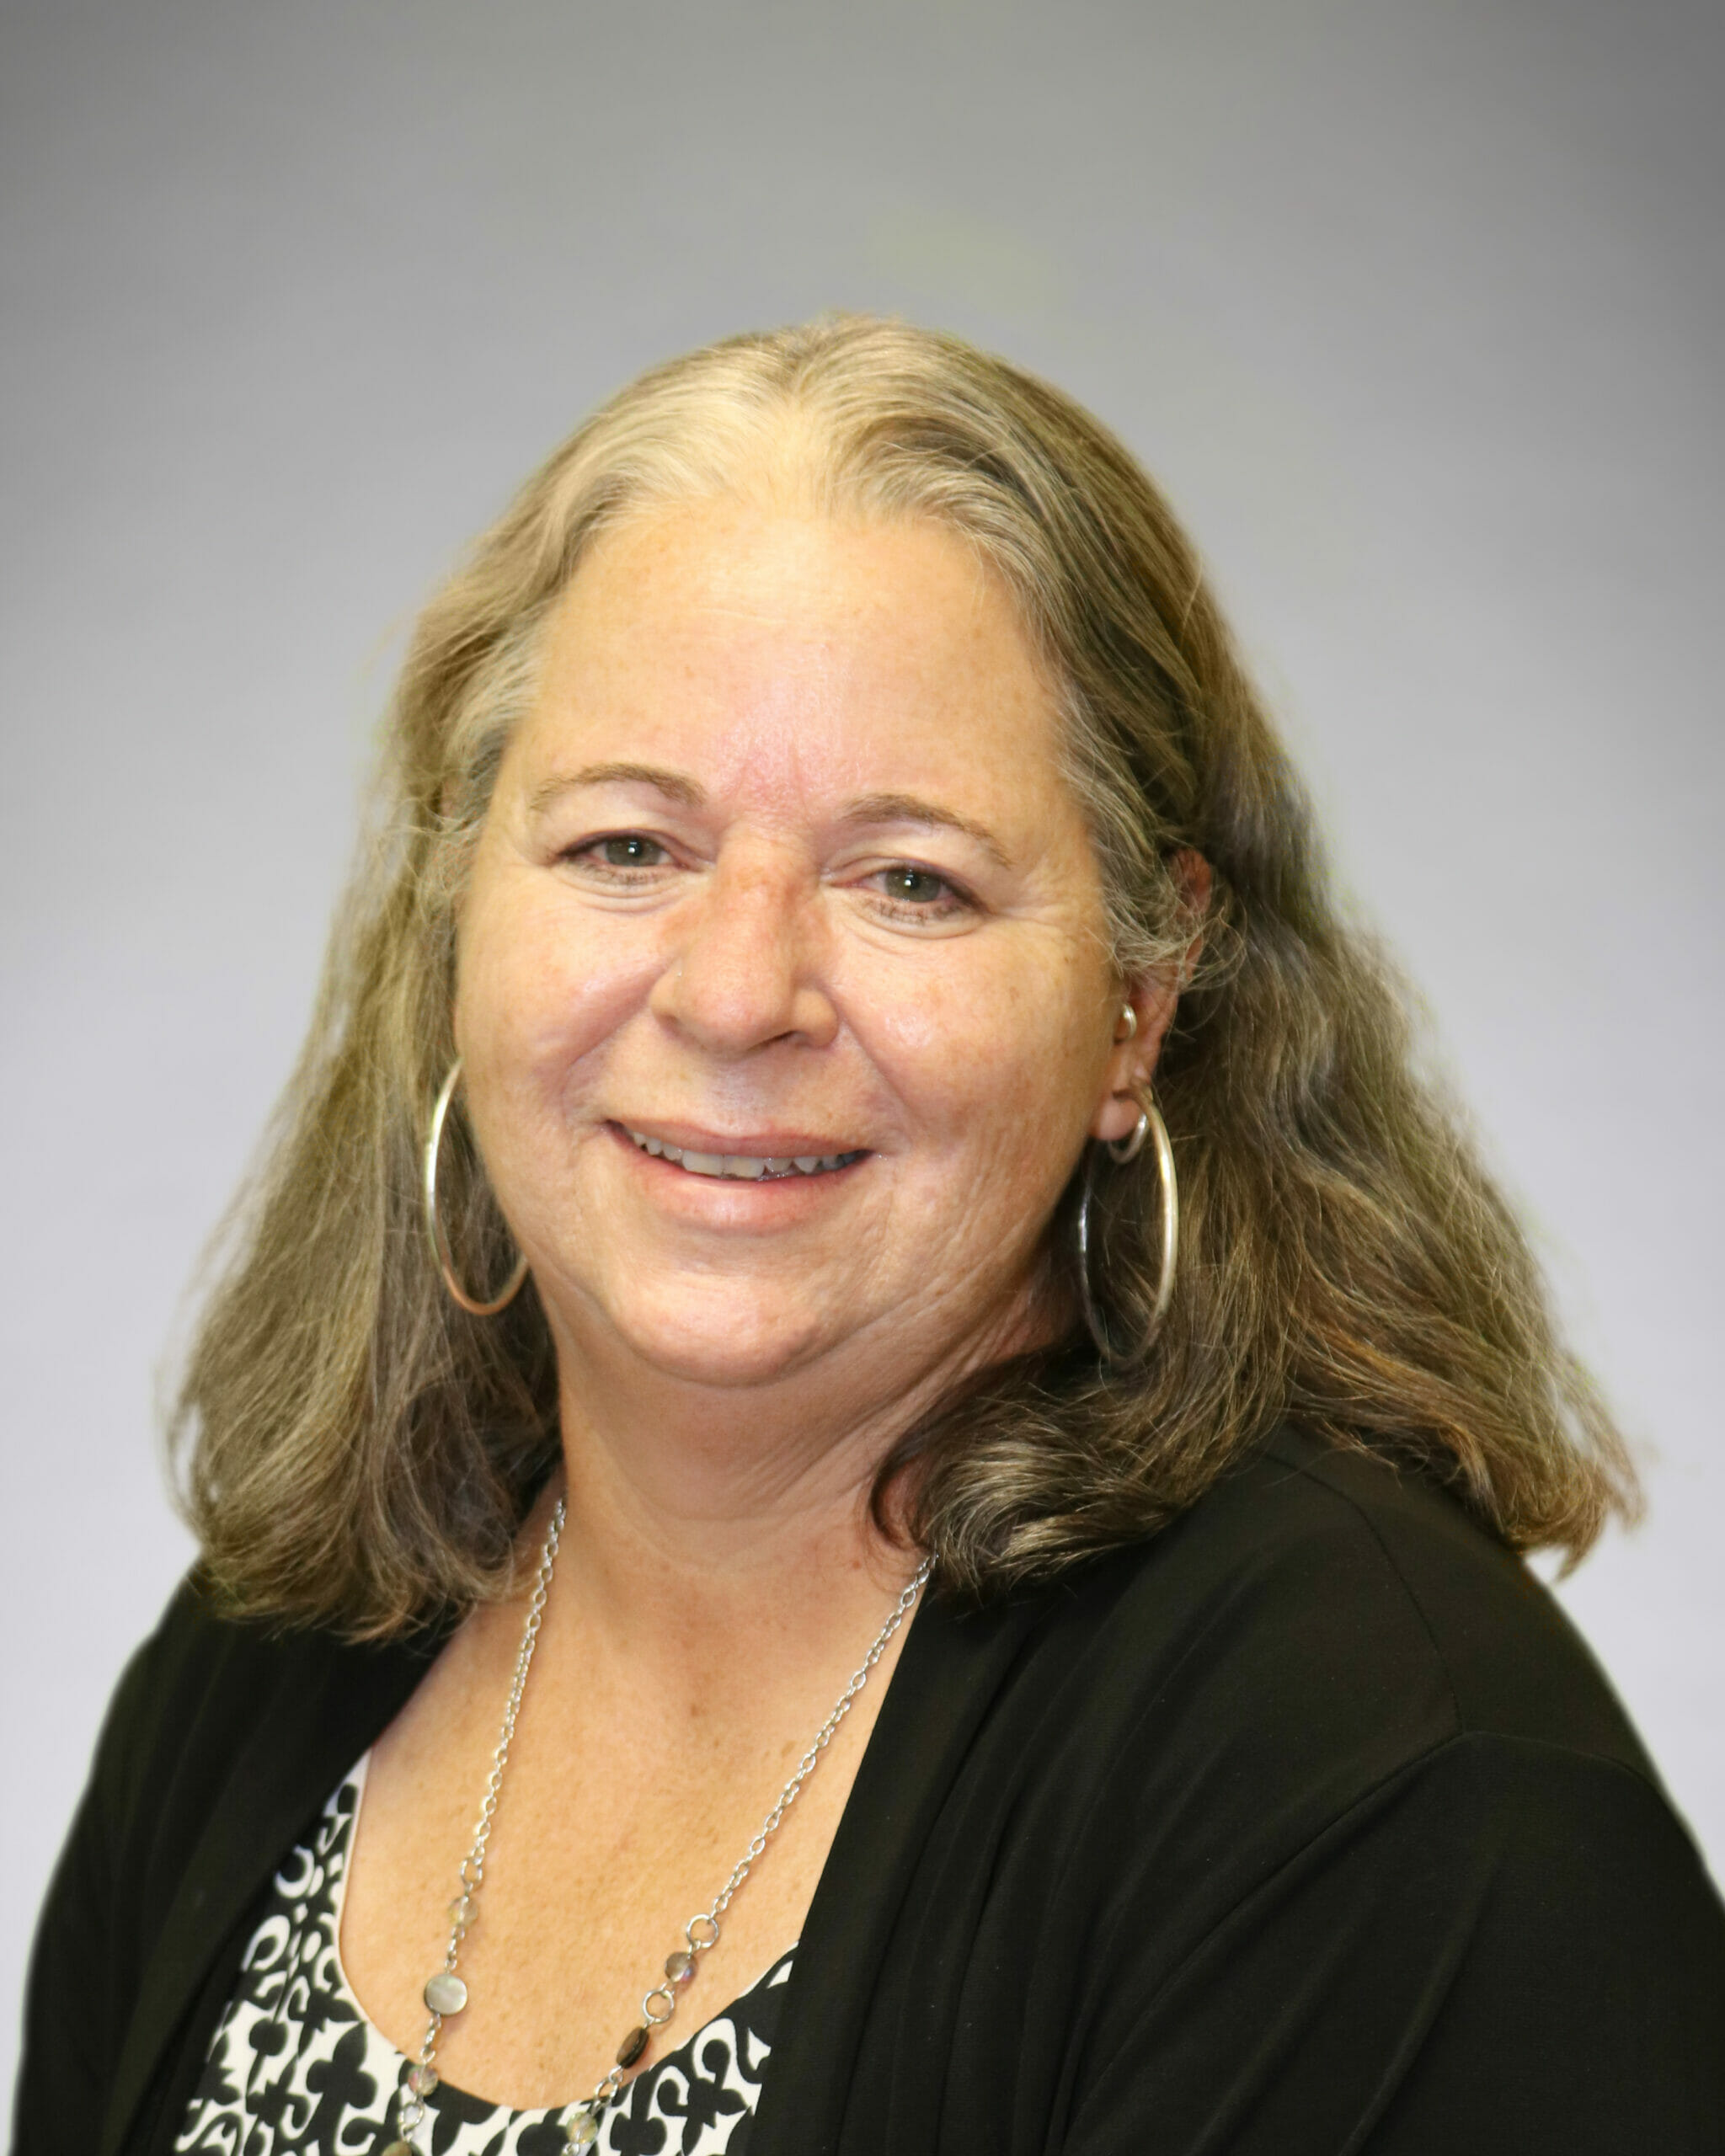 Headshot of Diane Werbrich